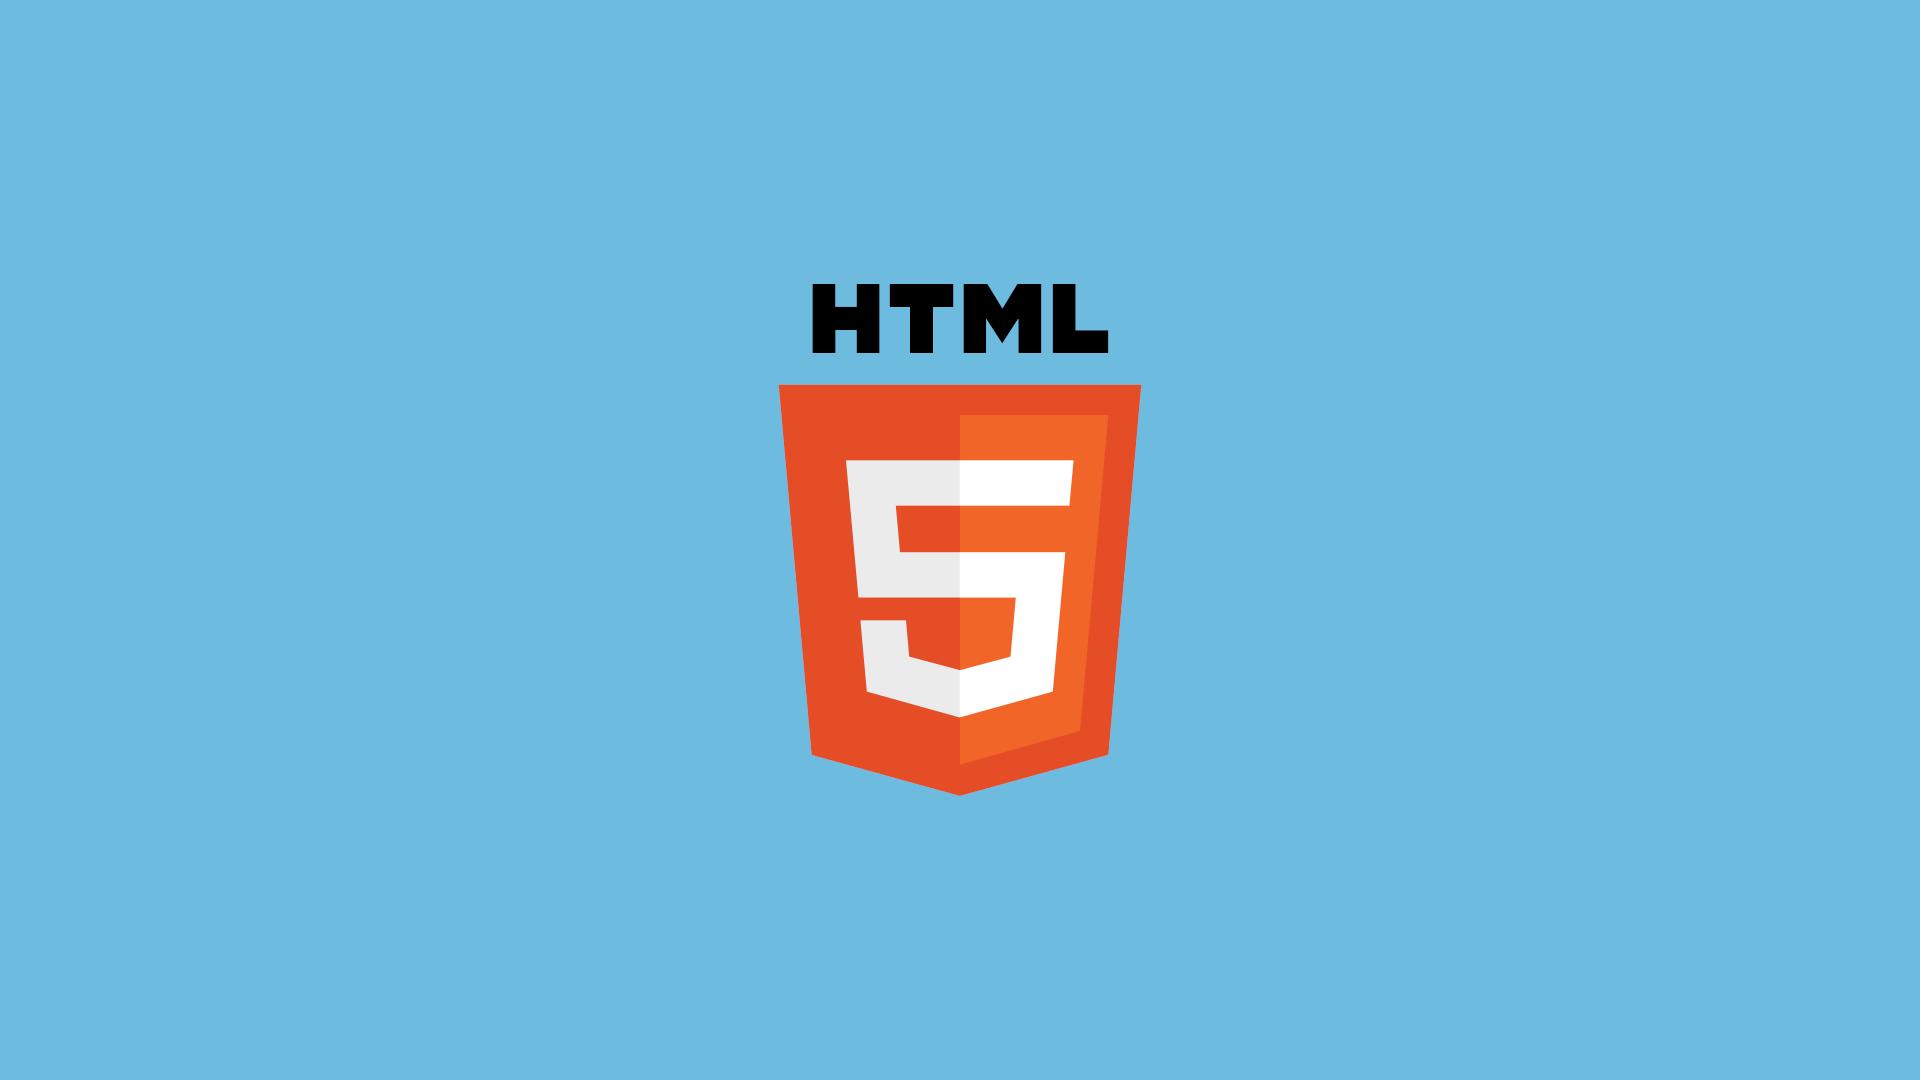 Apprendre le HTML en partant de zéro